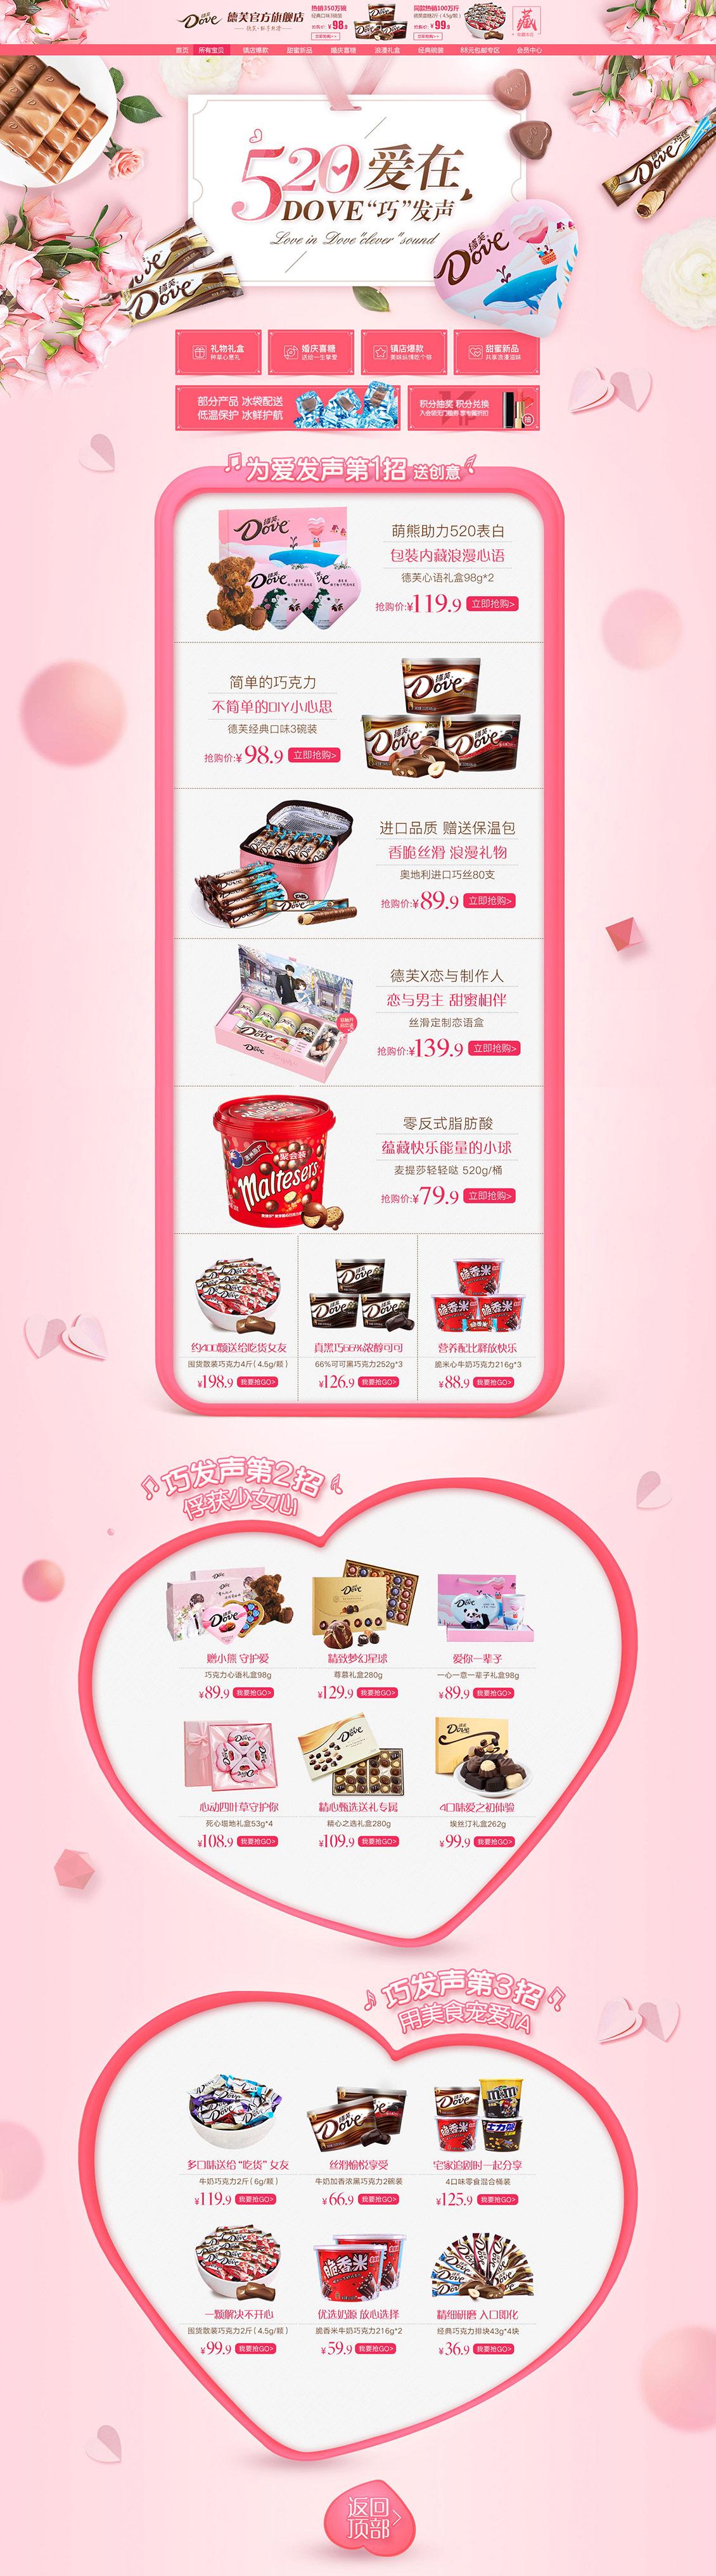 德芙 食品 零食 酒水 520情人节 天猫首页活动专题网页设计